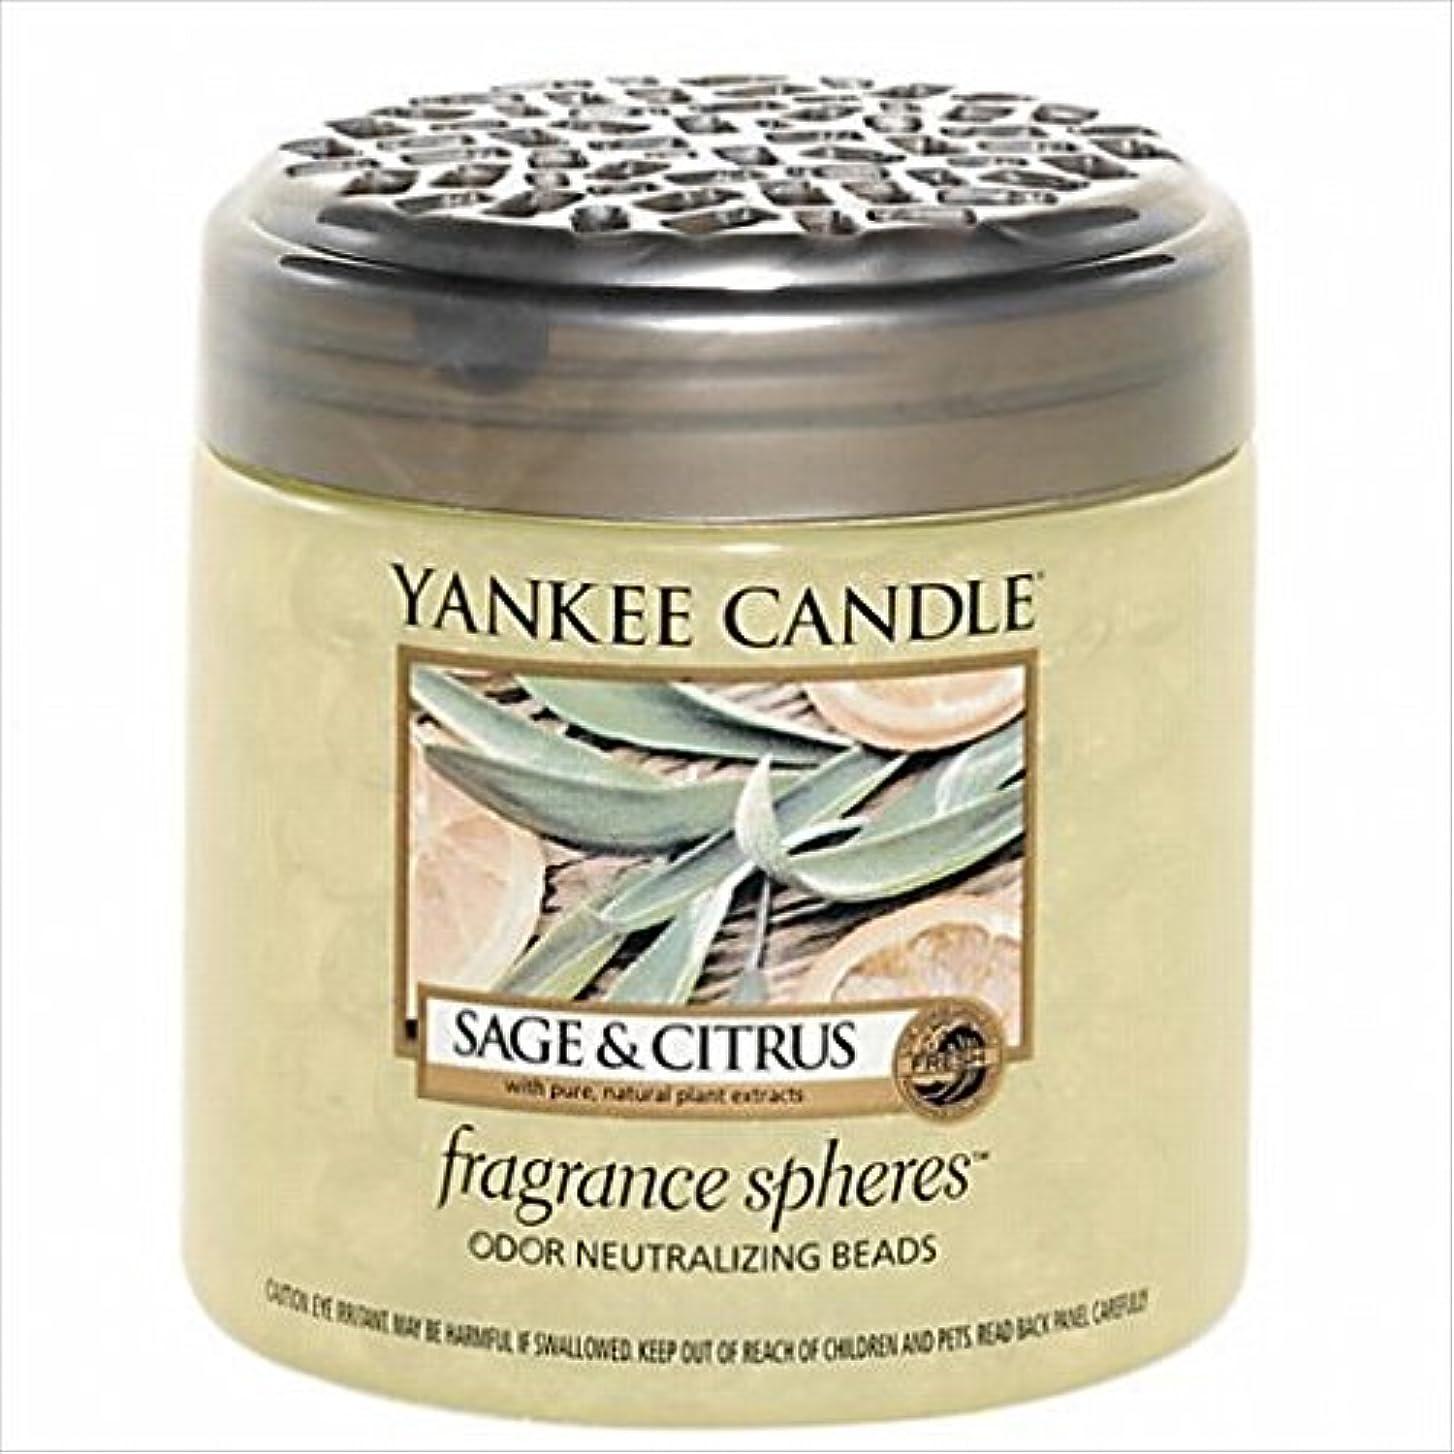 謎めいた横散歩に行くヤンキーキャンドル( YANKEE CANDLE ) YANKEE CANDLE フレグランスビーズ 「 セージ&シトラス 」